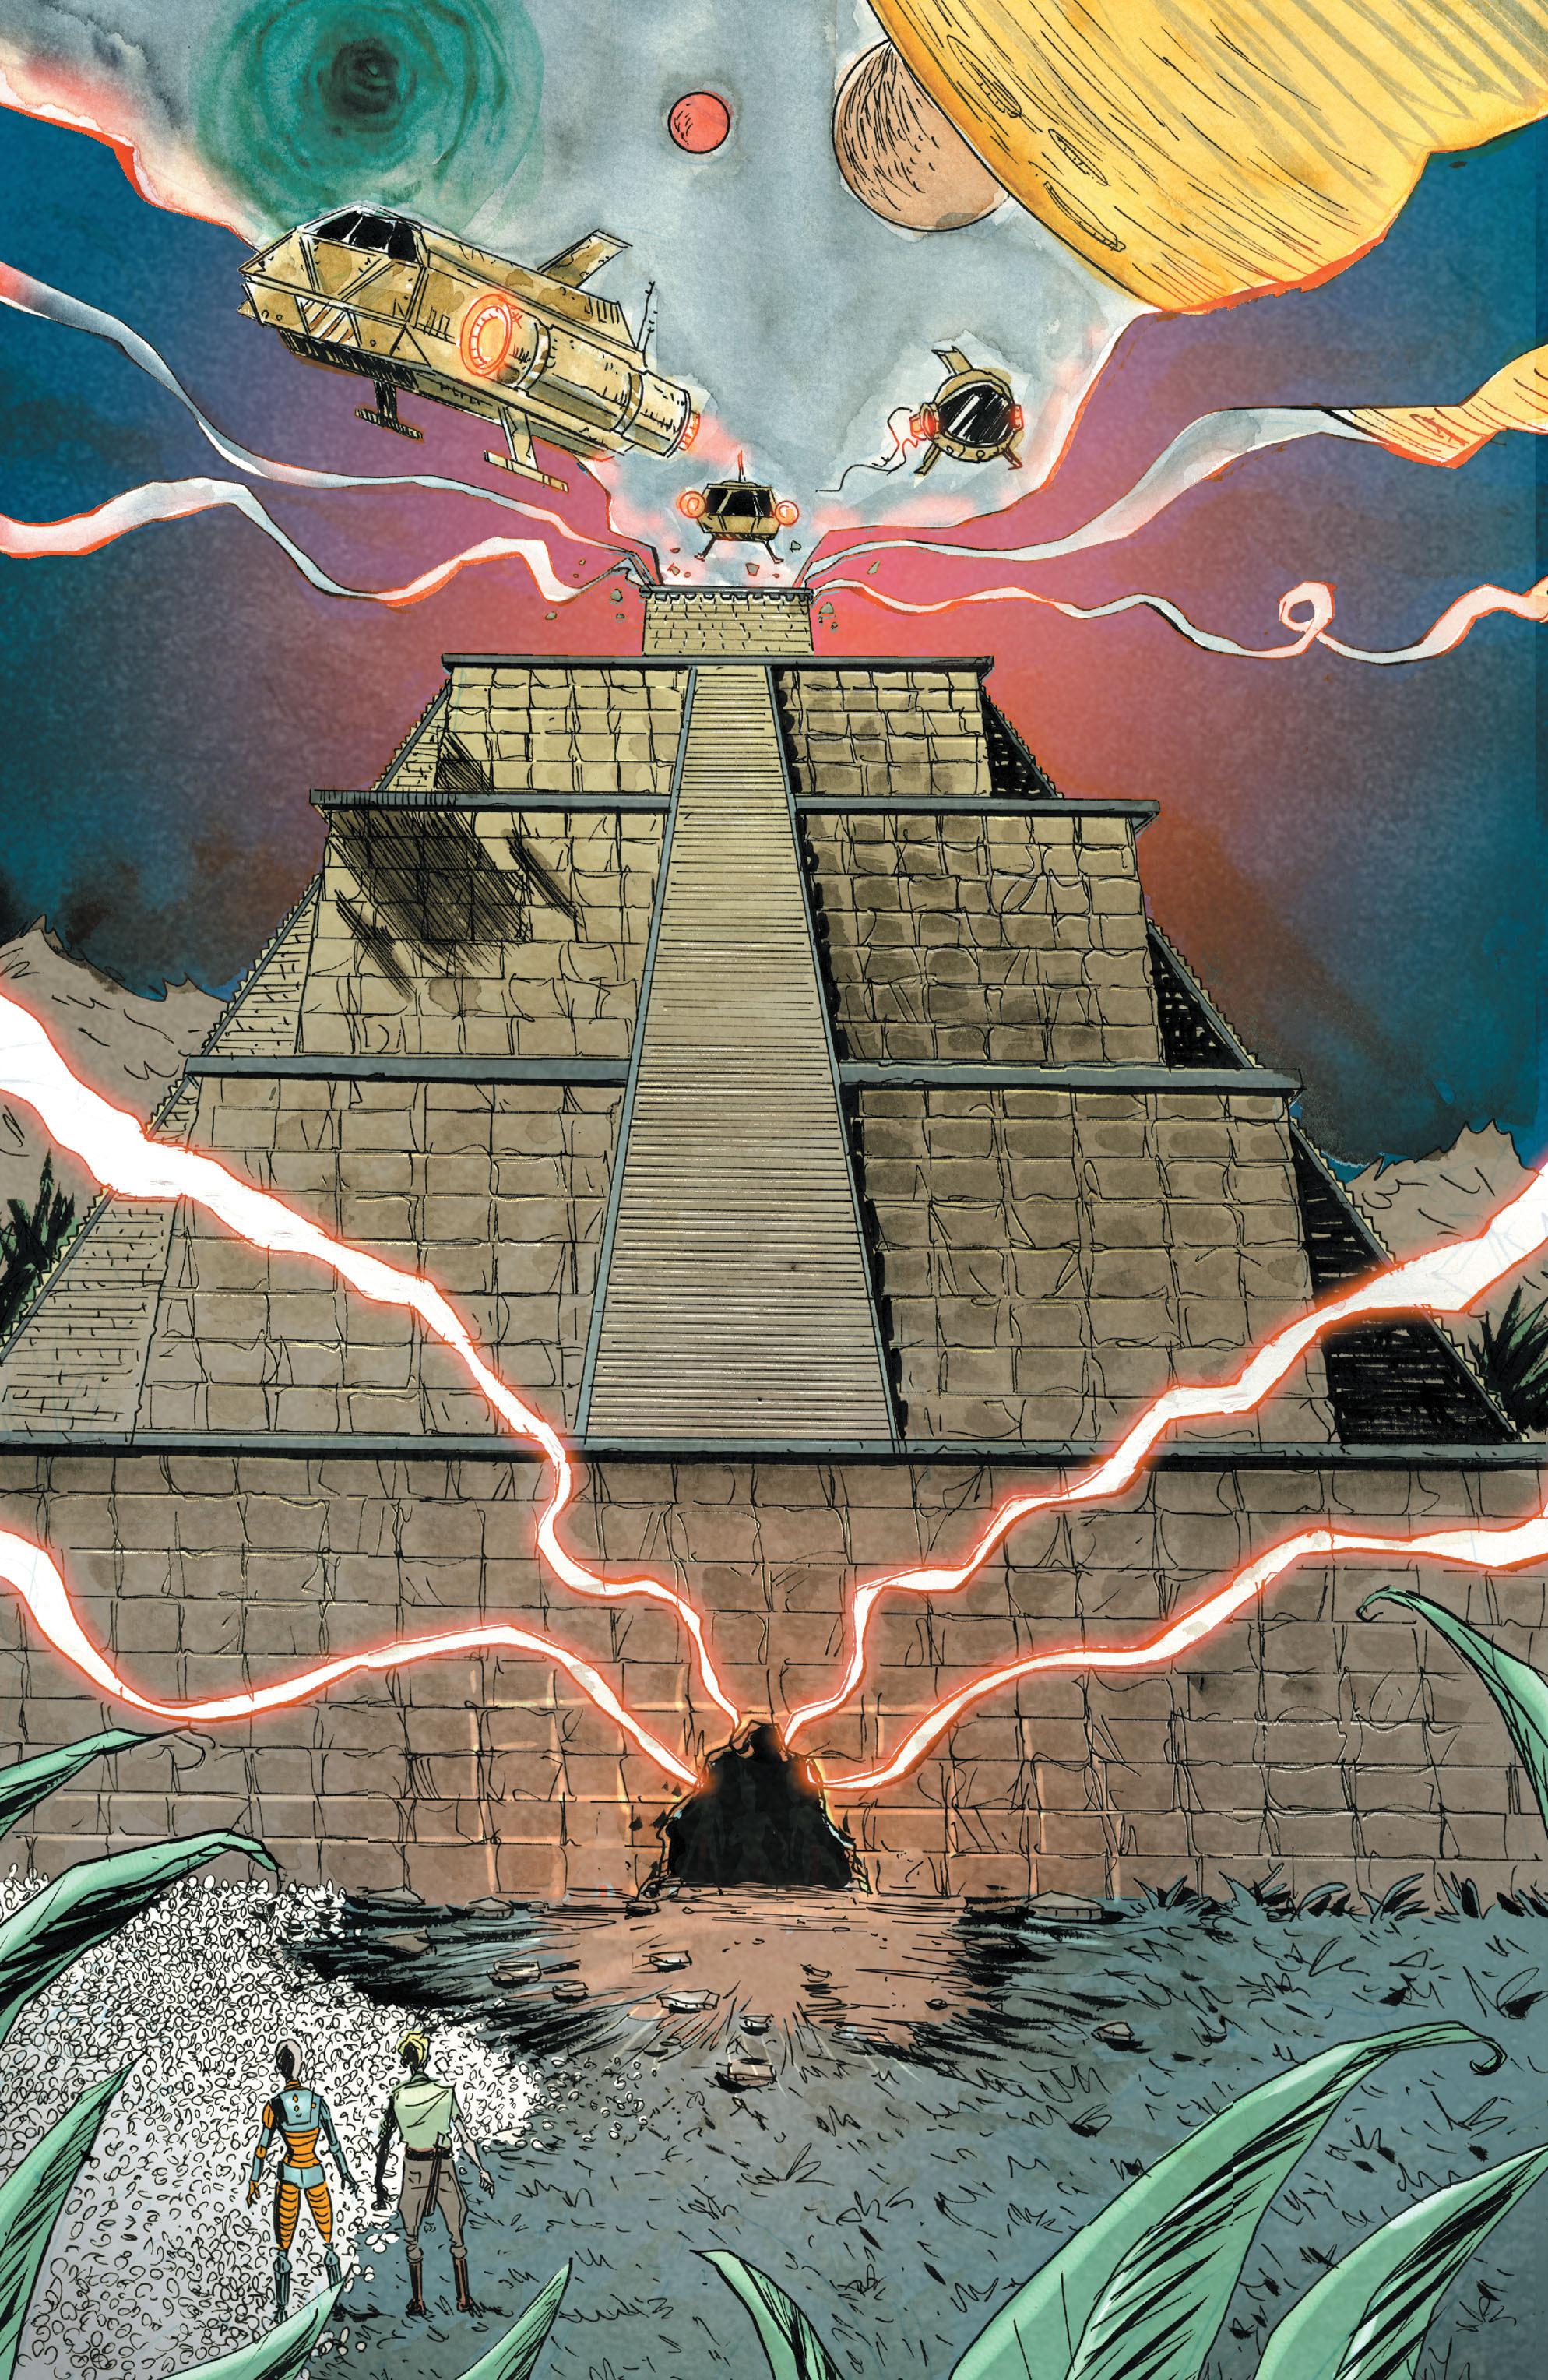 Read online Trillium comic -  Issue # TPB - 74